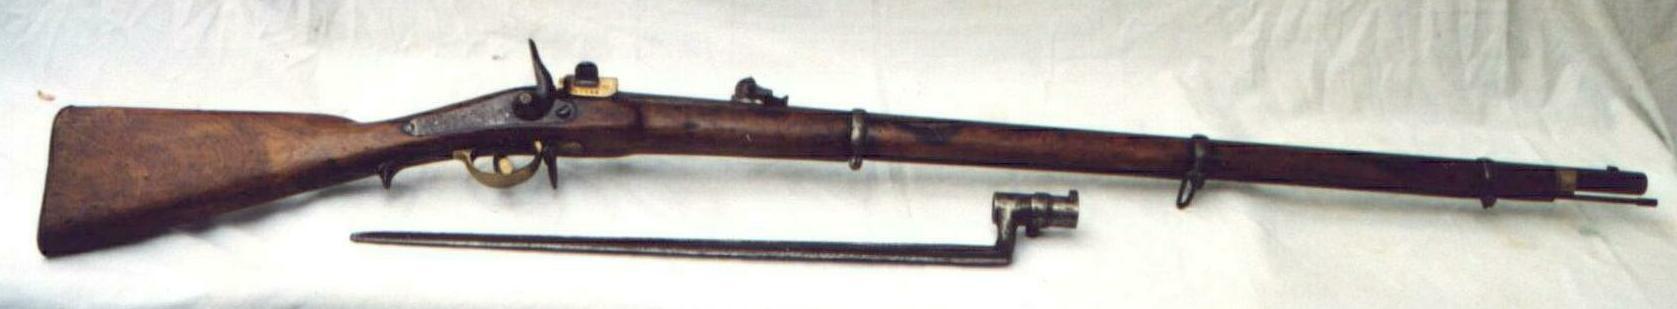 15.2мм переделочная винтовка Крнка. Росия. 1869 год.